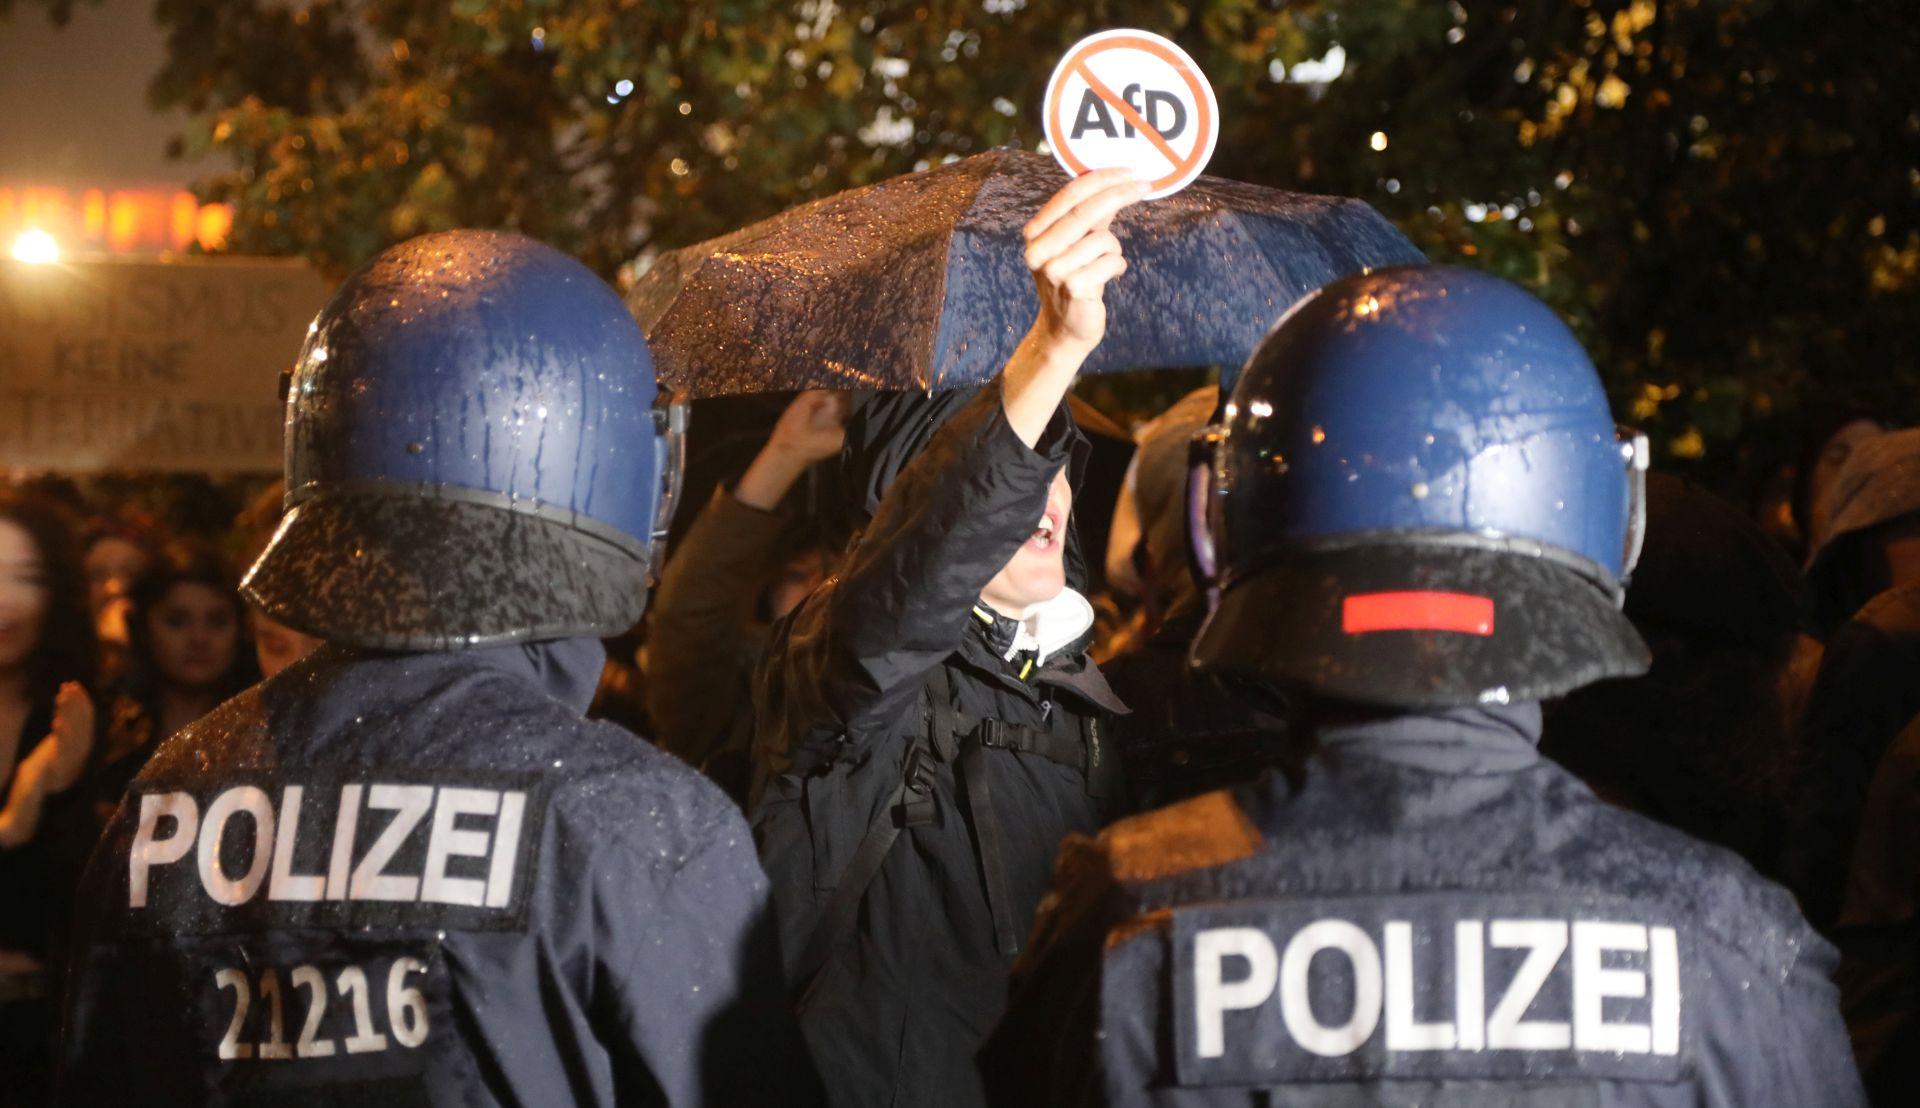 Prosvjedi protiv Afd-a u Berlinu